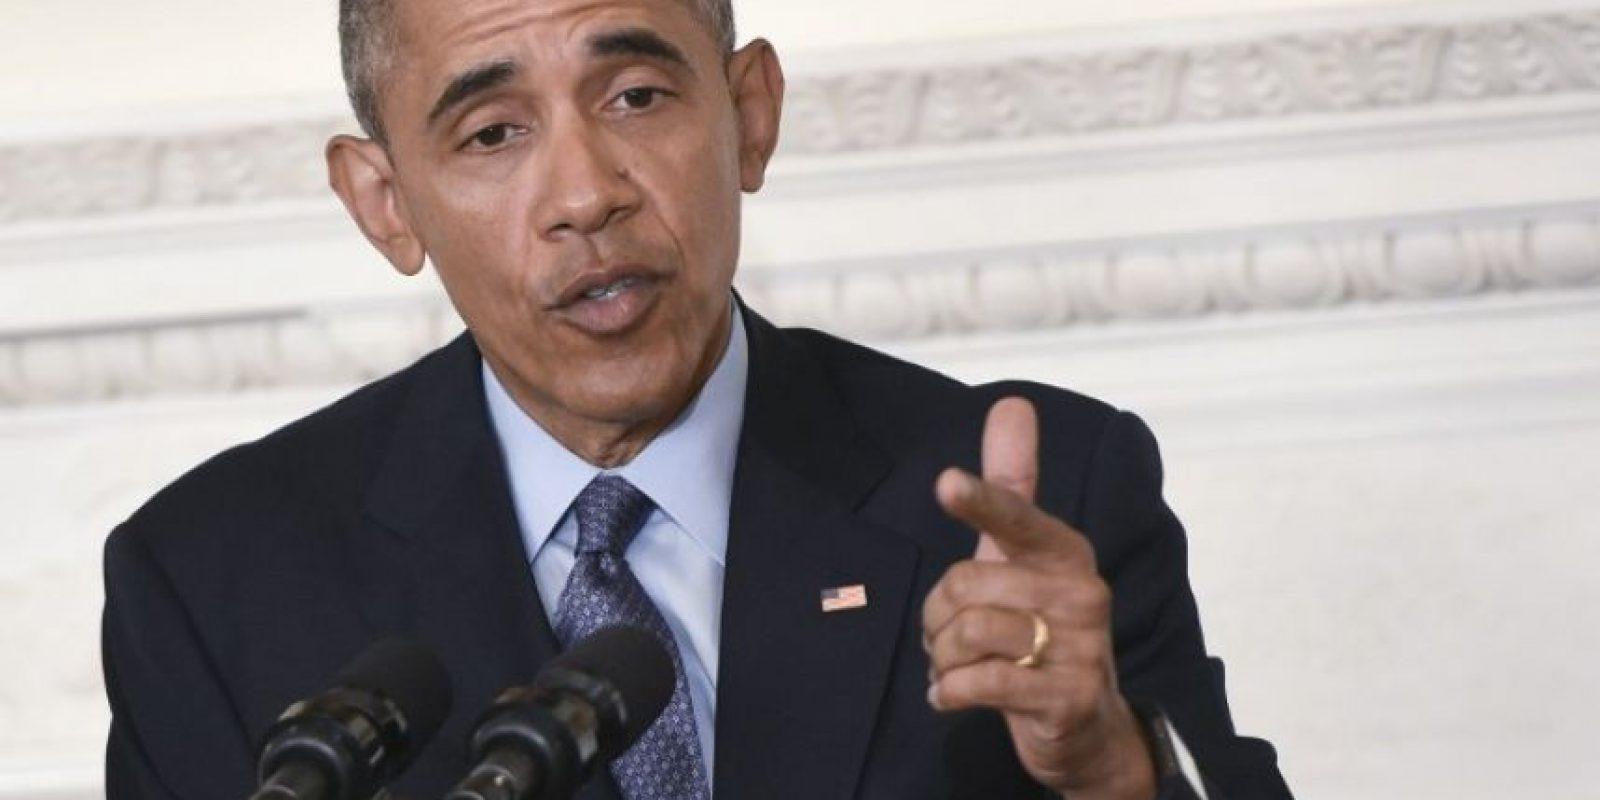 El presidente Barack Obama hace un gesto durante un discurso en Estados Unidos. Foto:AFP